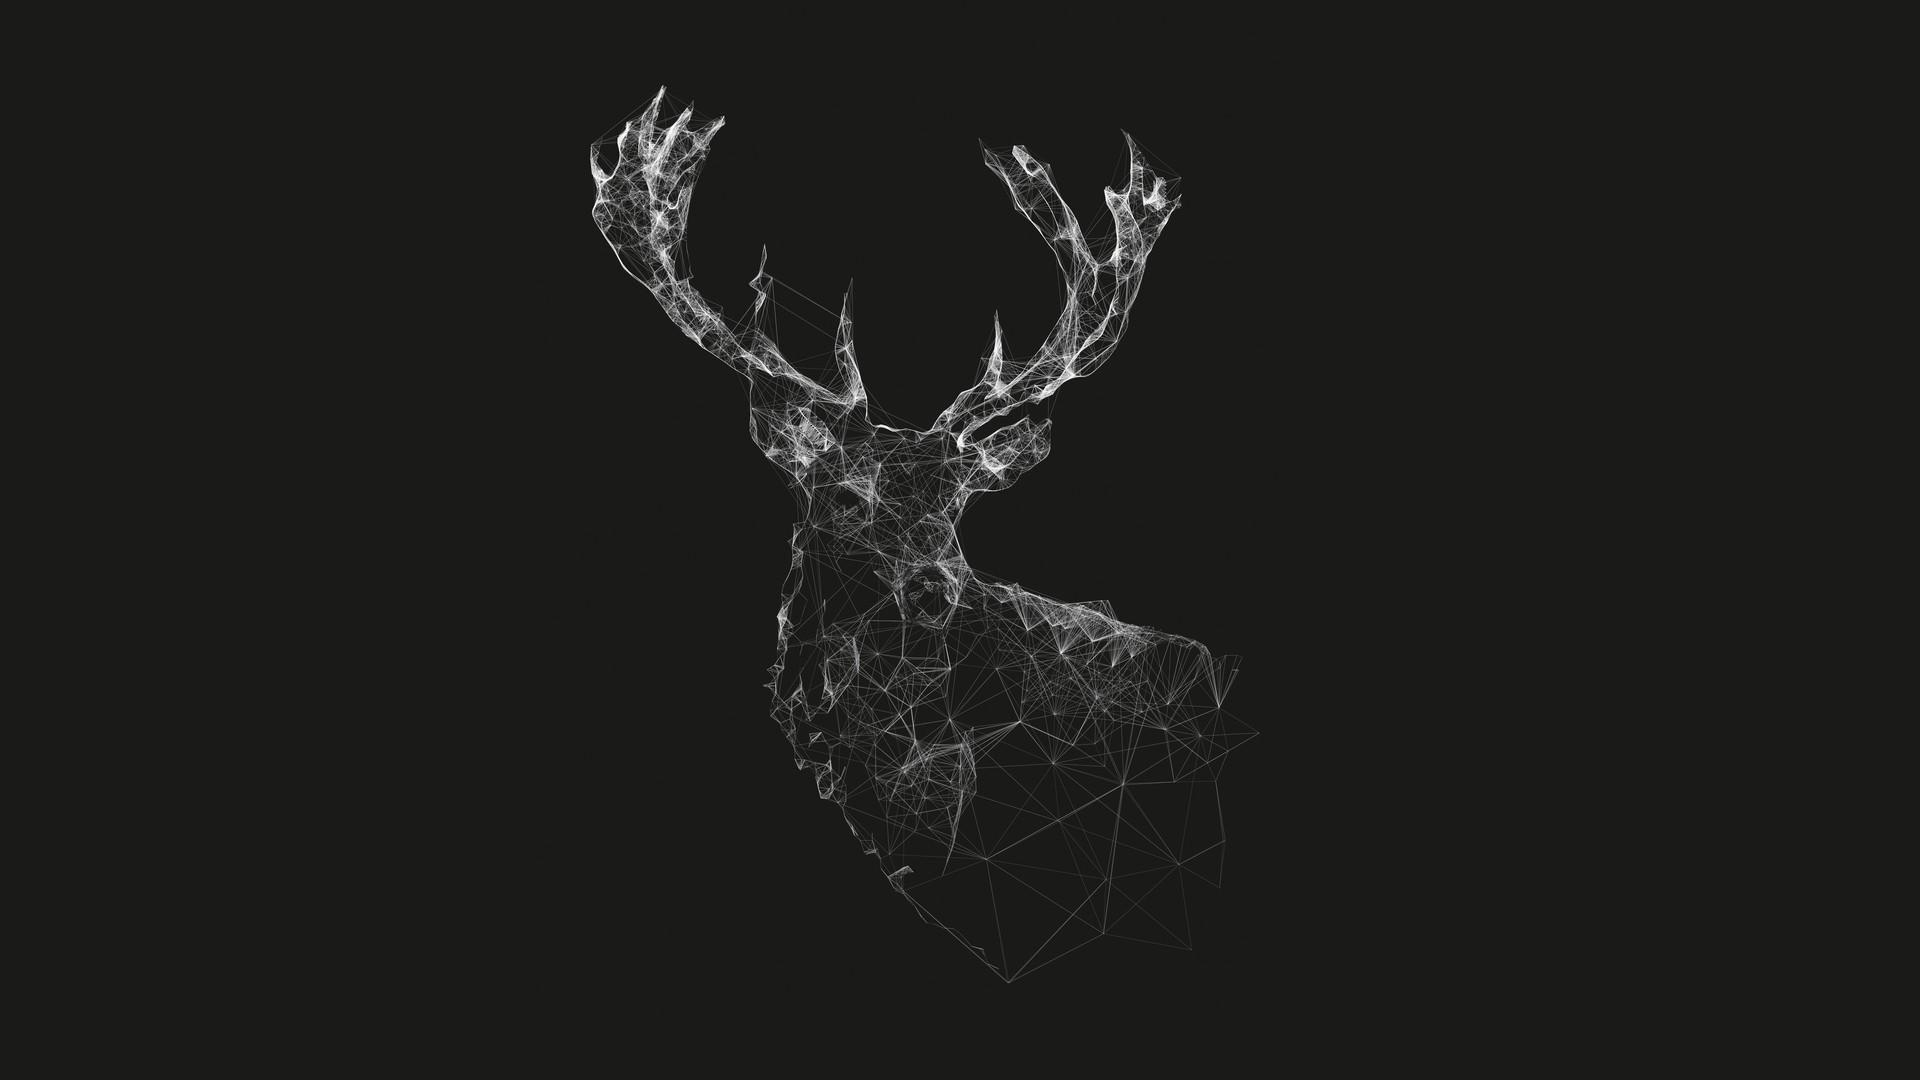 Deer Minimal Deer Artwork Deer Sketch Digital Wallpaper